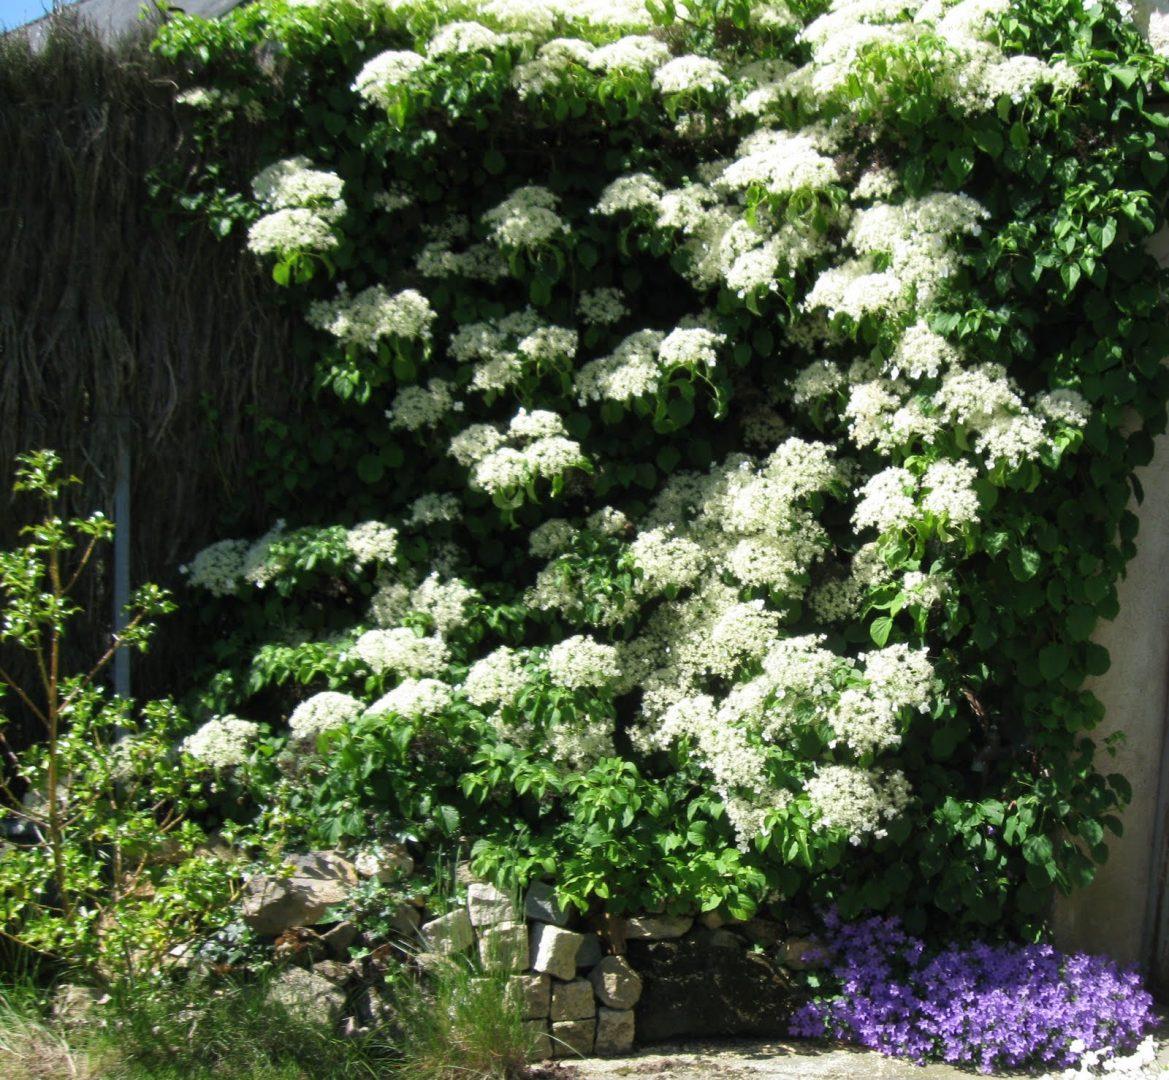 Planta hortensia trepadora im genes y fotos - Plantas trepadoras para pergolas ...